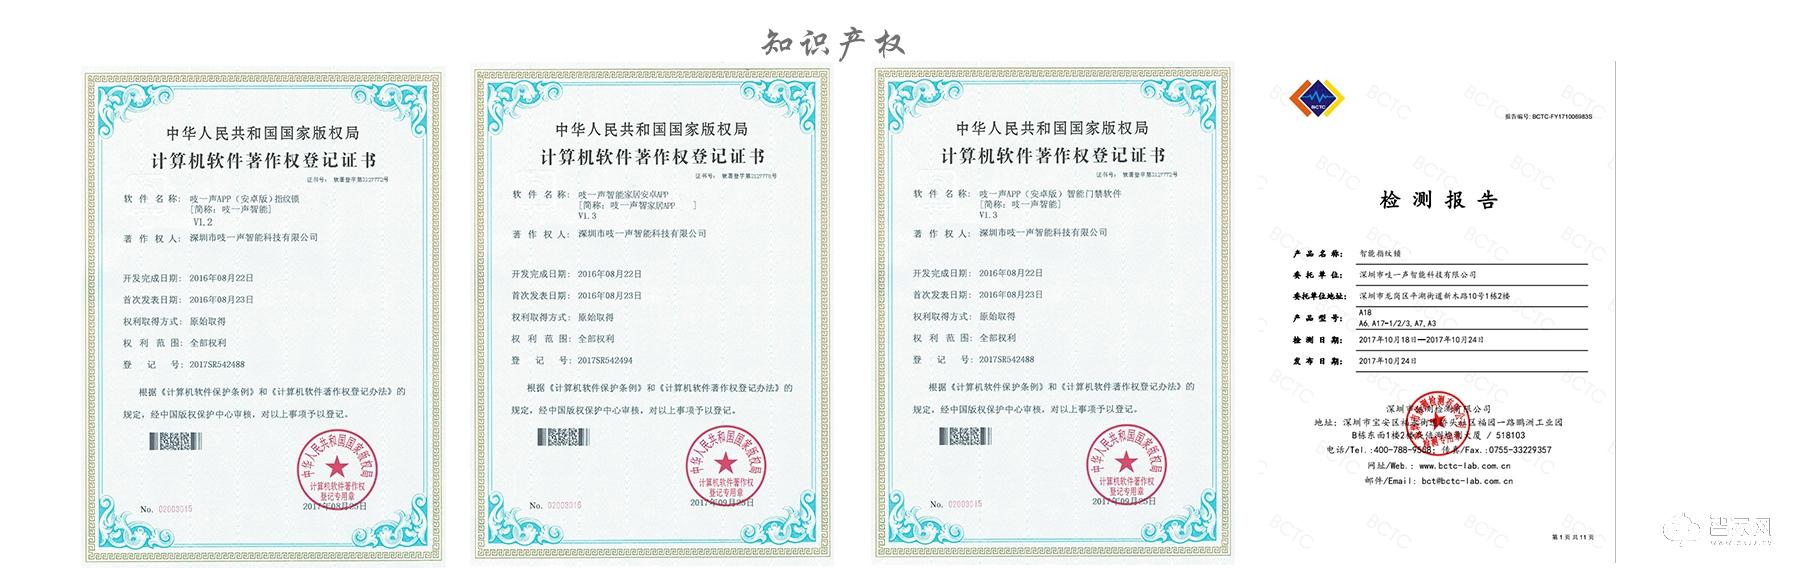 深圳市吱一声智能科技有限公司